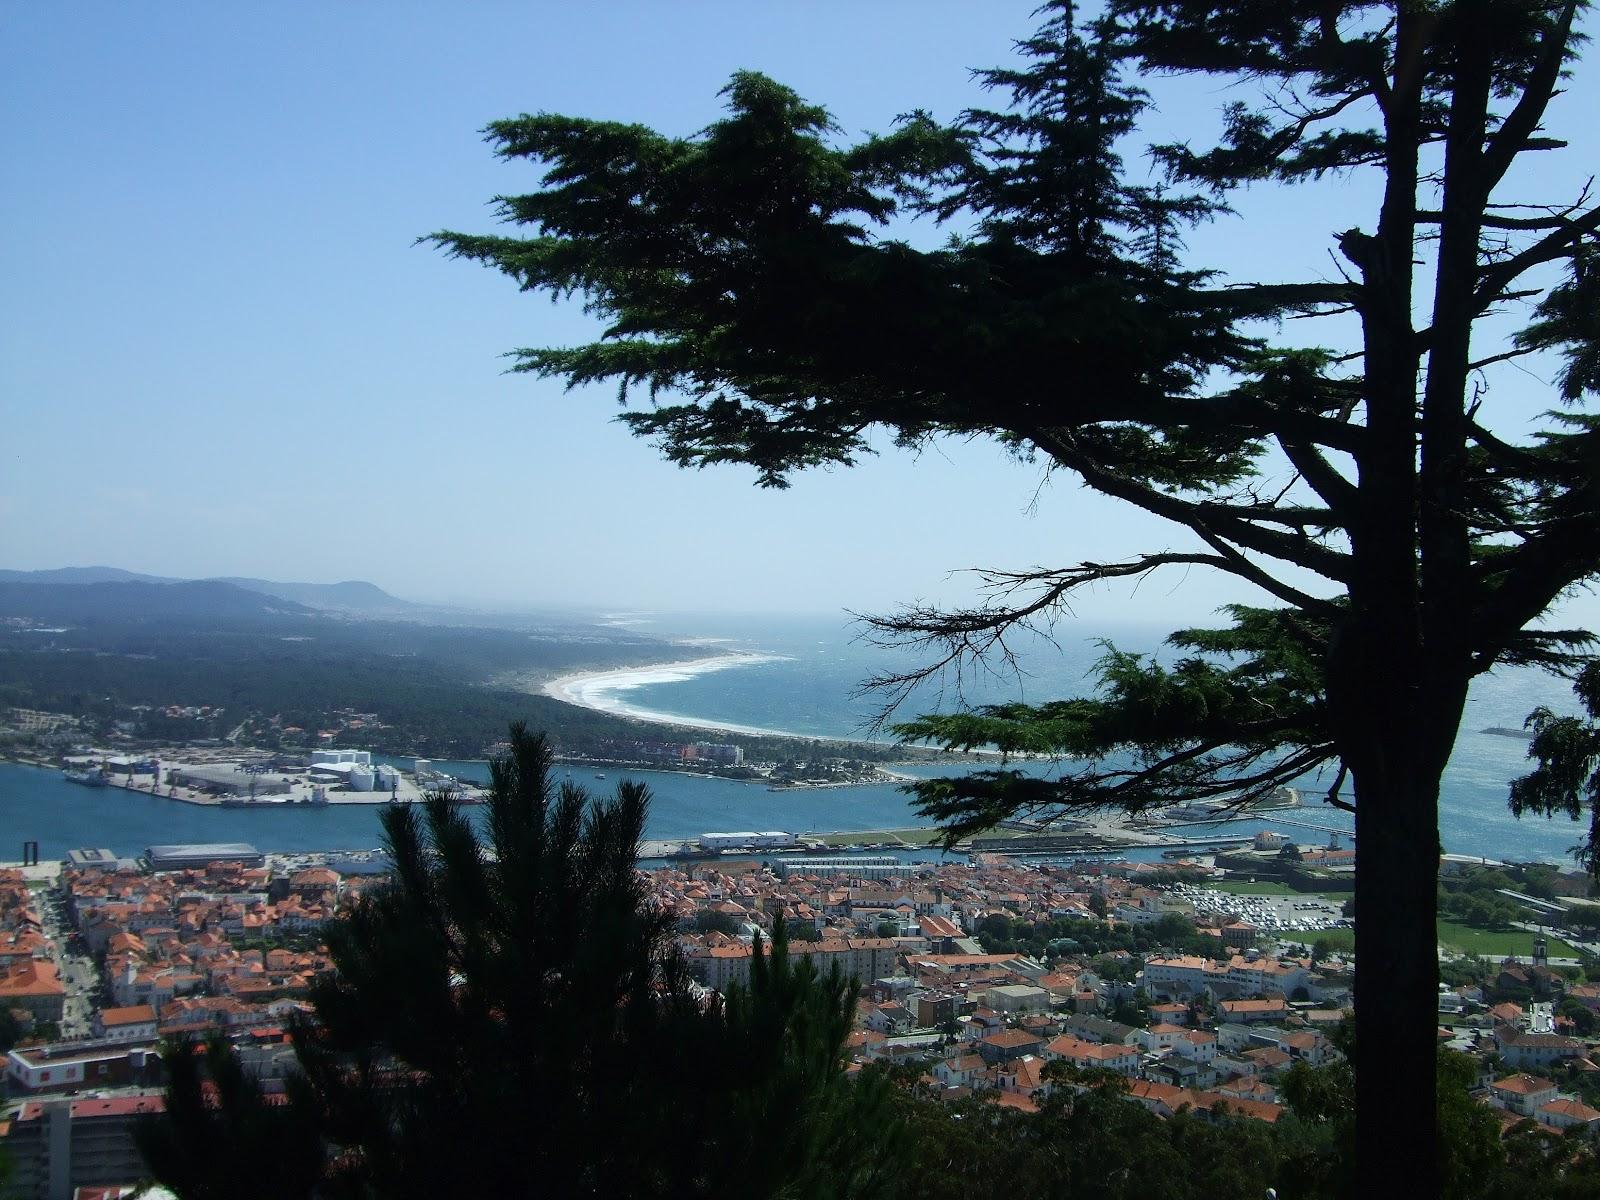 Sailaway viana do castelo portugal - Viana do castelo portugal ...